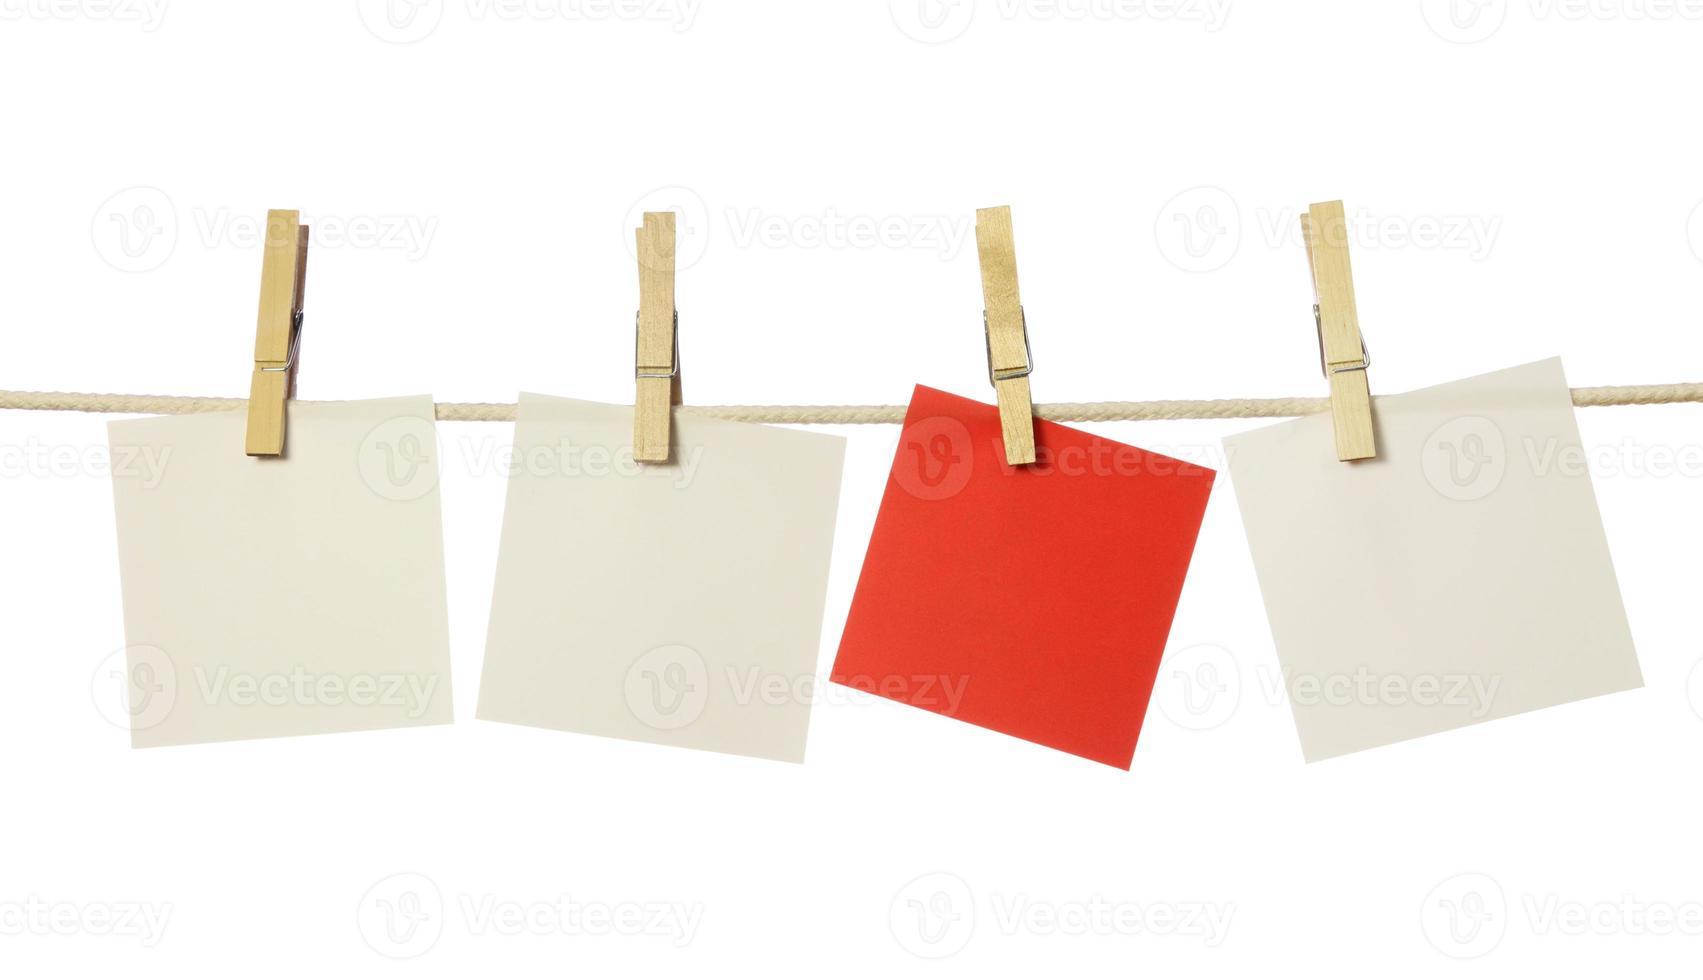 vier blanco biljetten foto